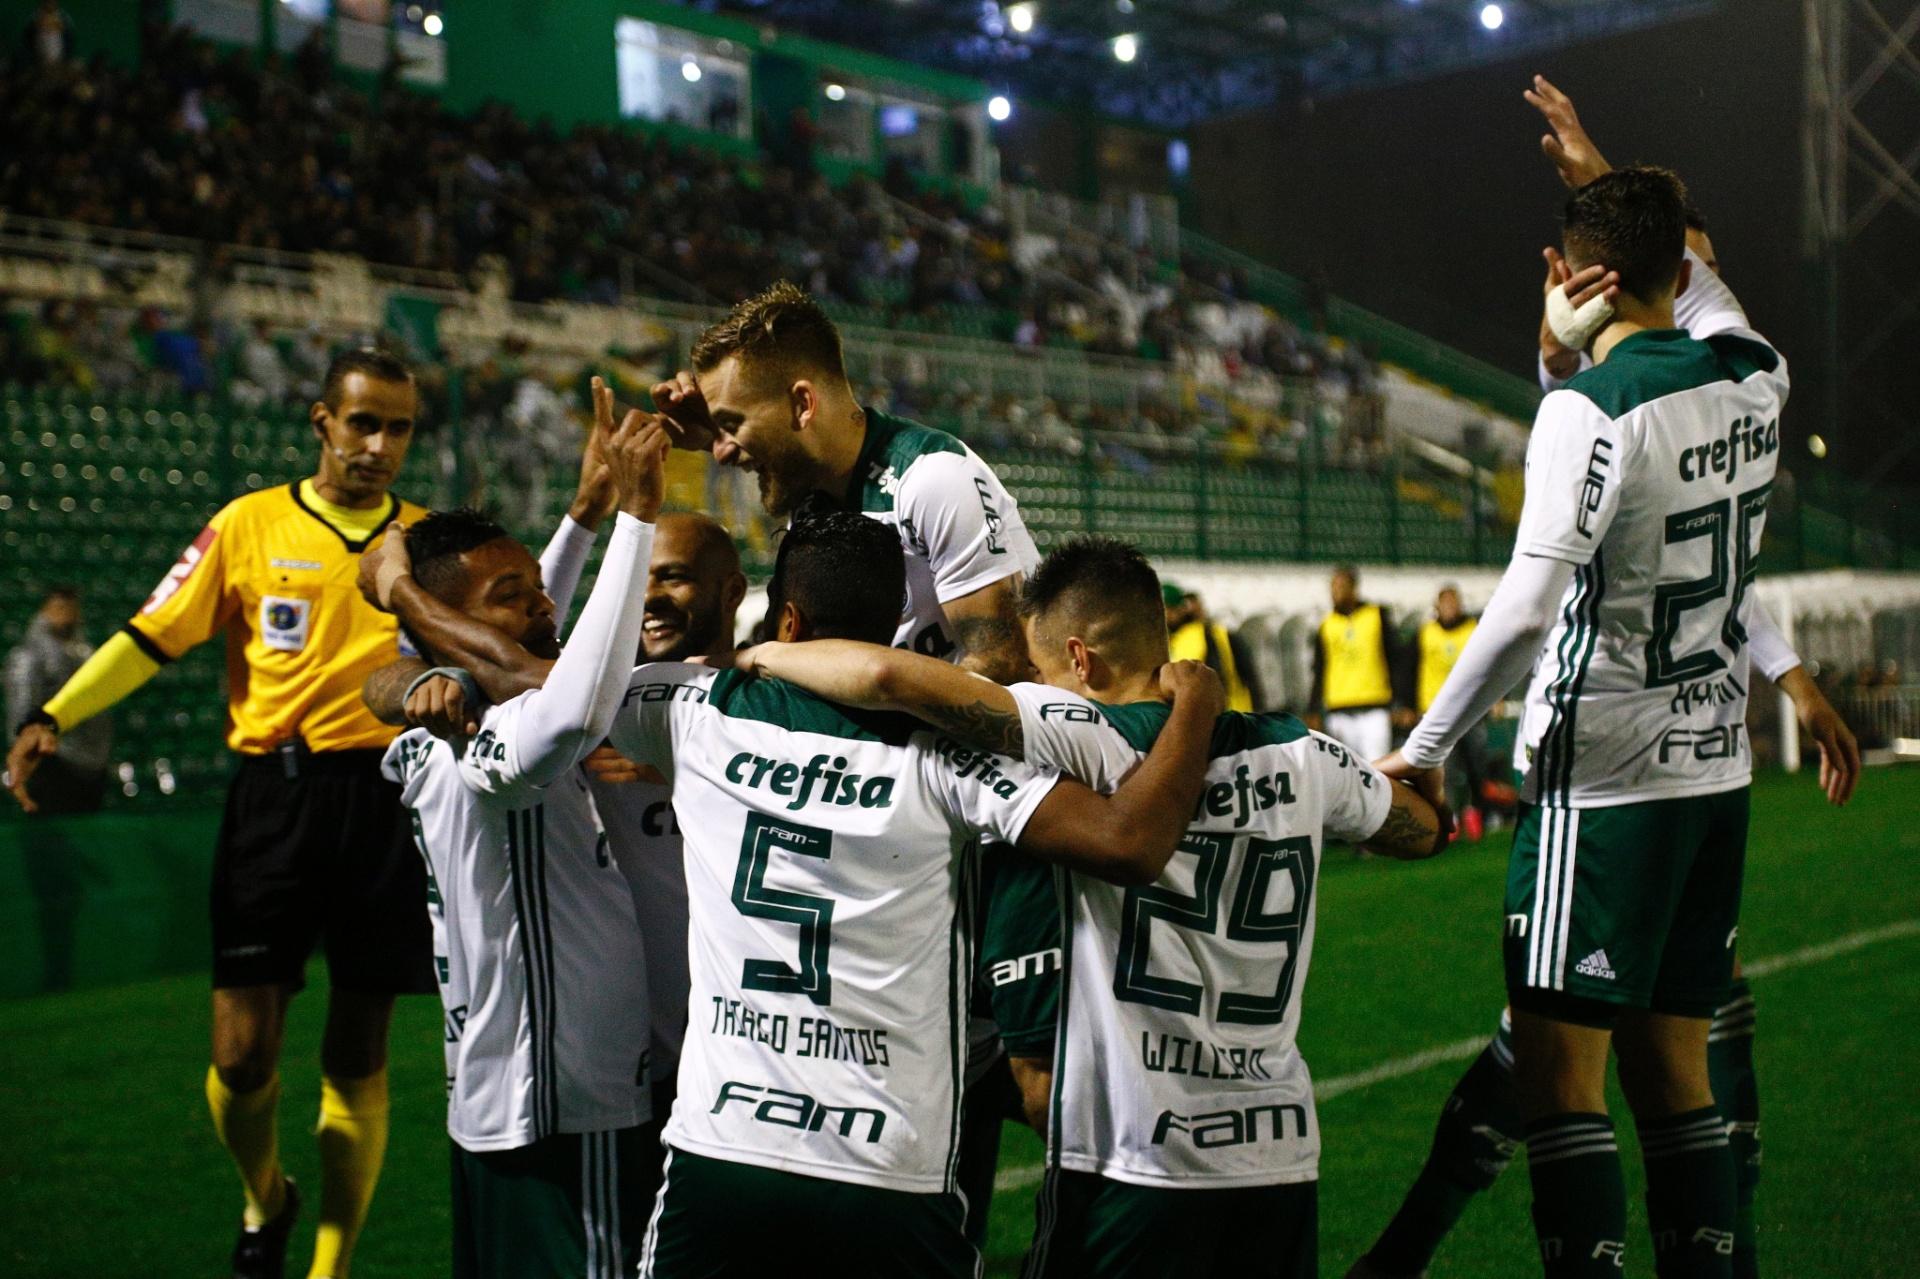 Hyoran brilha contra ex-time e Palmeiras vence pela primeira vez em Chapecó  - 02 09 2018 - UOL Esporte f2e27baa5cc33